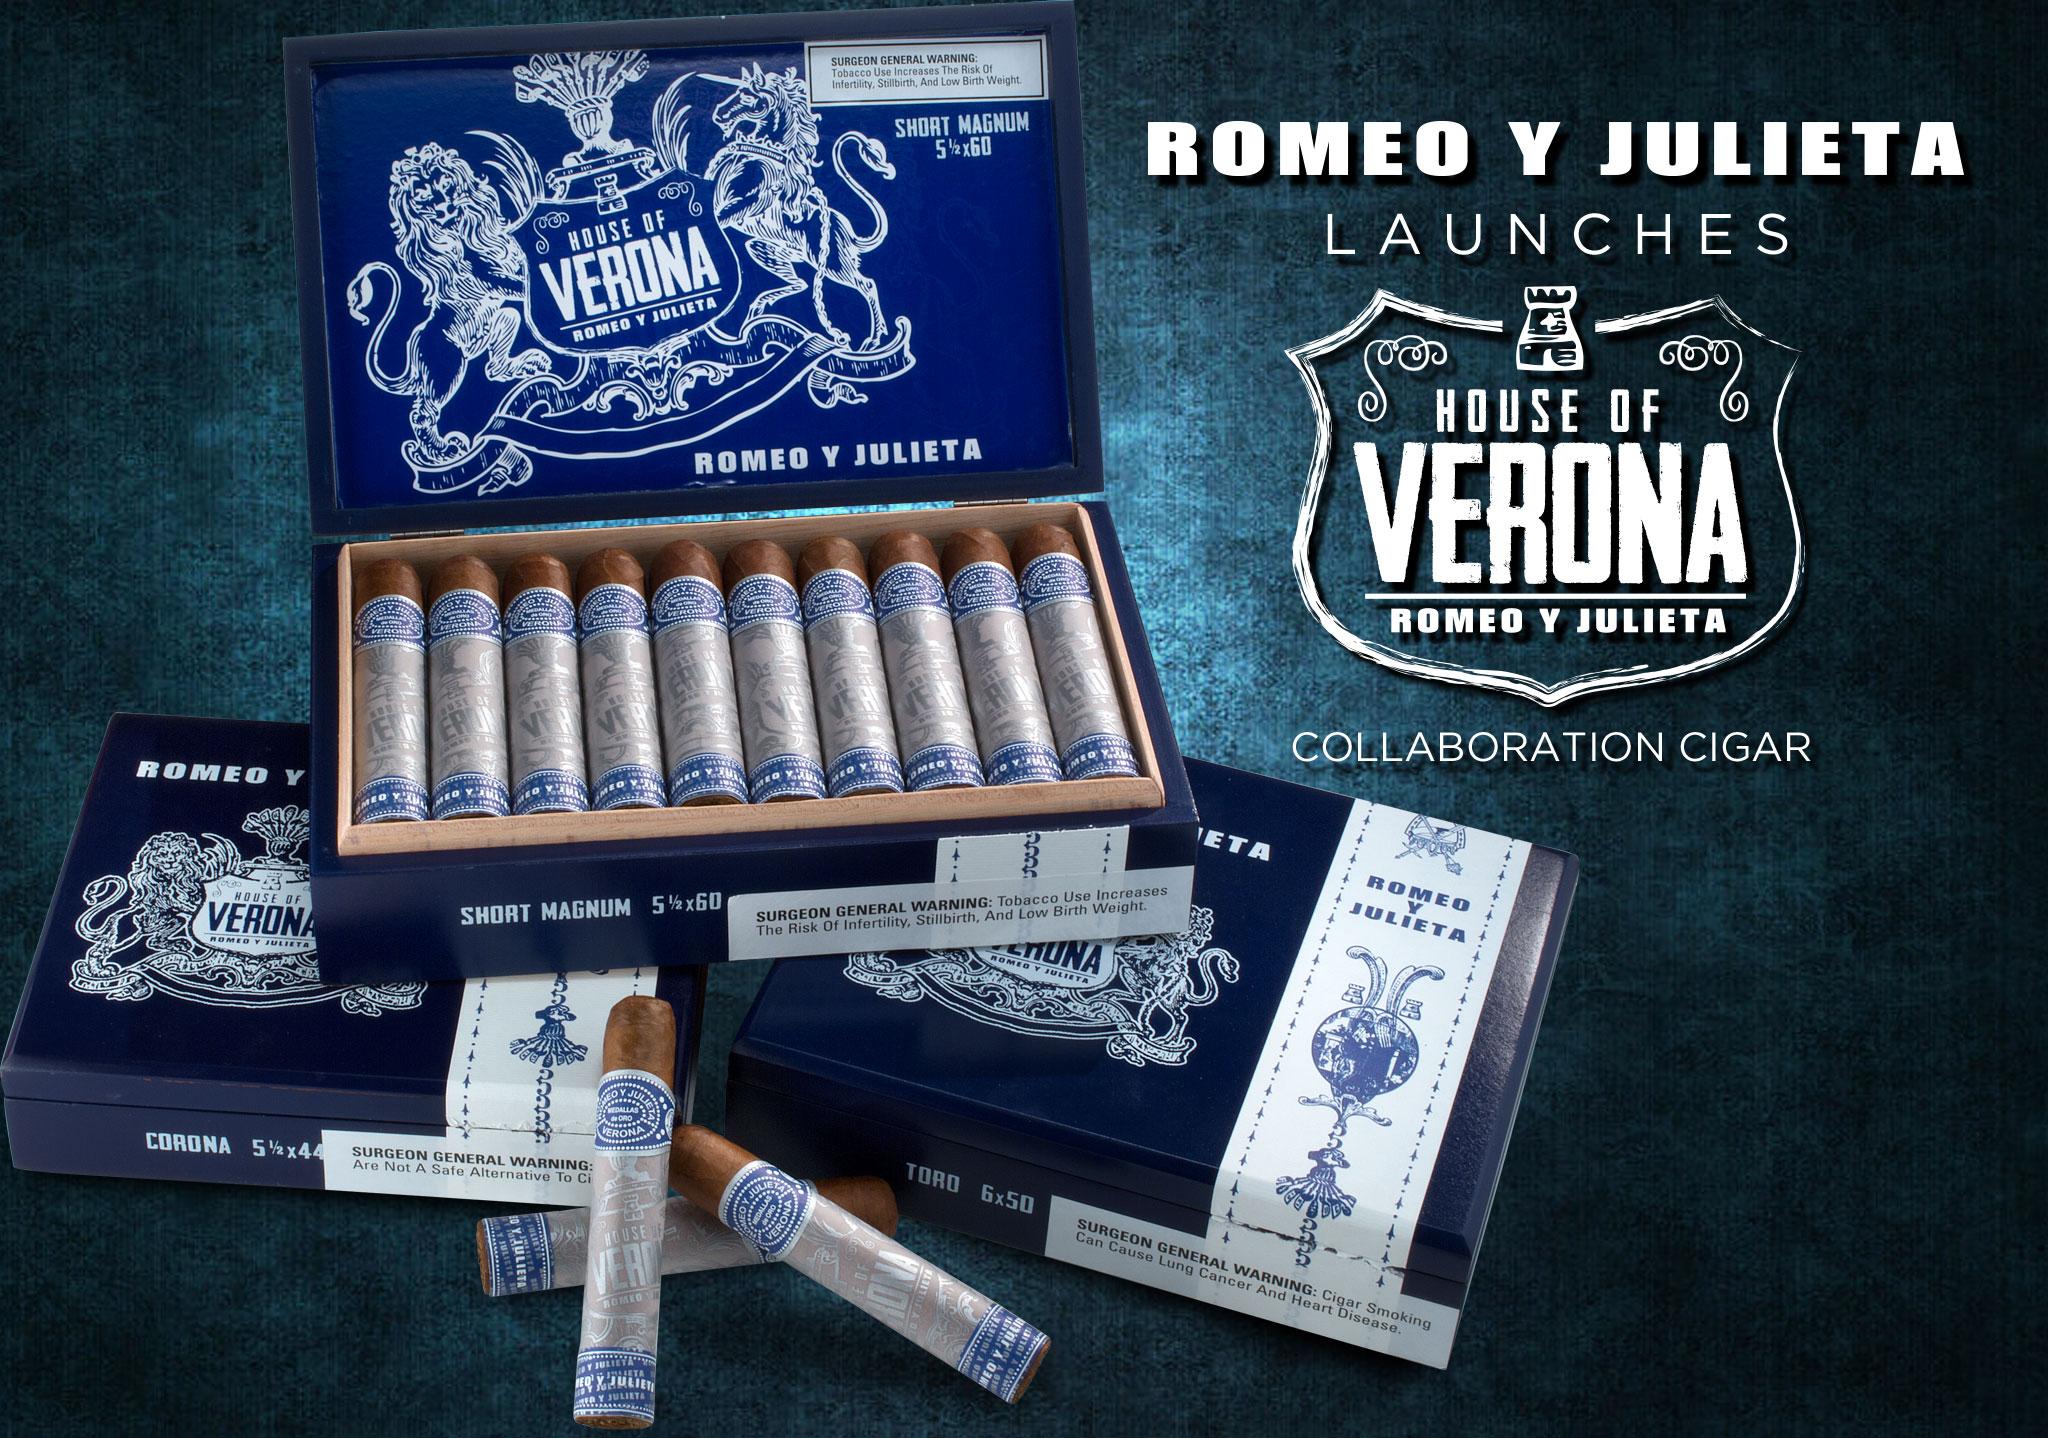 New exclusive RyJ House of Verona